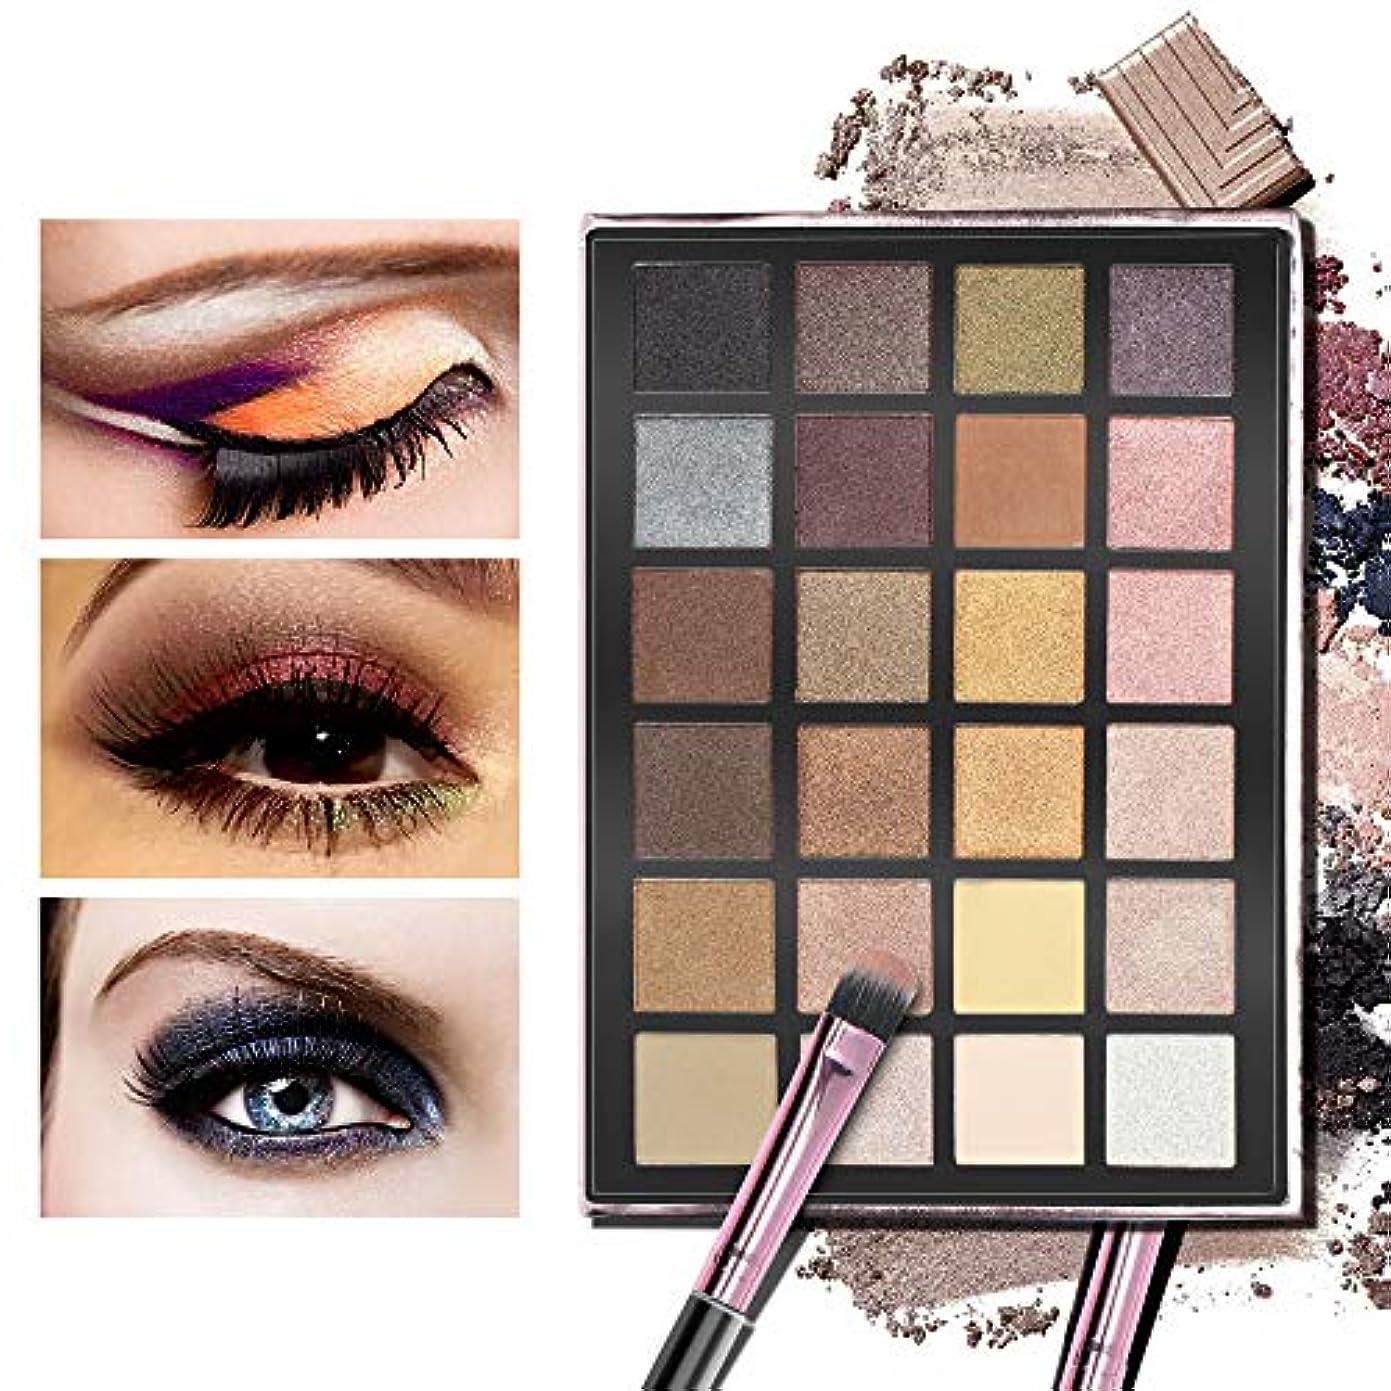 告発者北東小包Akane アイシャドウパレット ANYLADY 人気 ファッション ゴージャス 綺麗 欧米風 日本人肌に合う マット つや消し 持ち便利 Eye Shadow (24色)